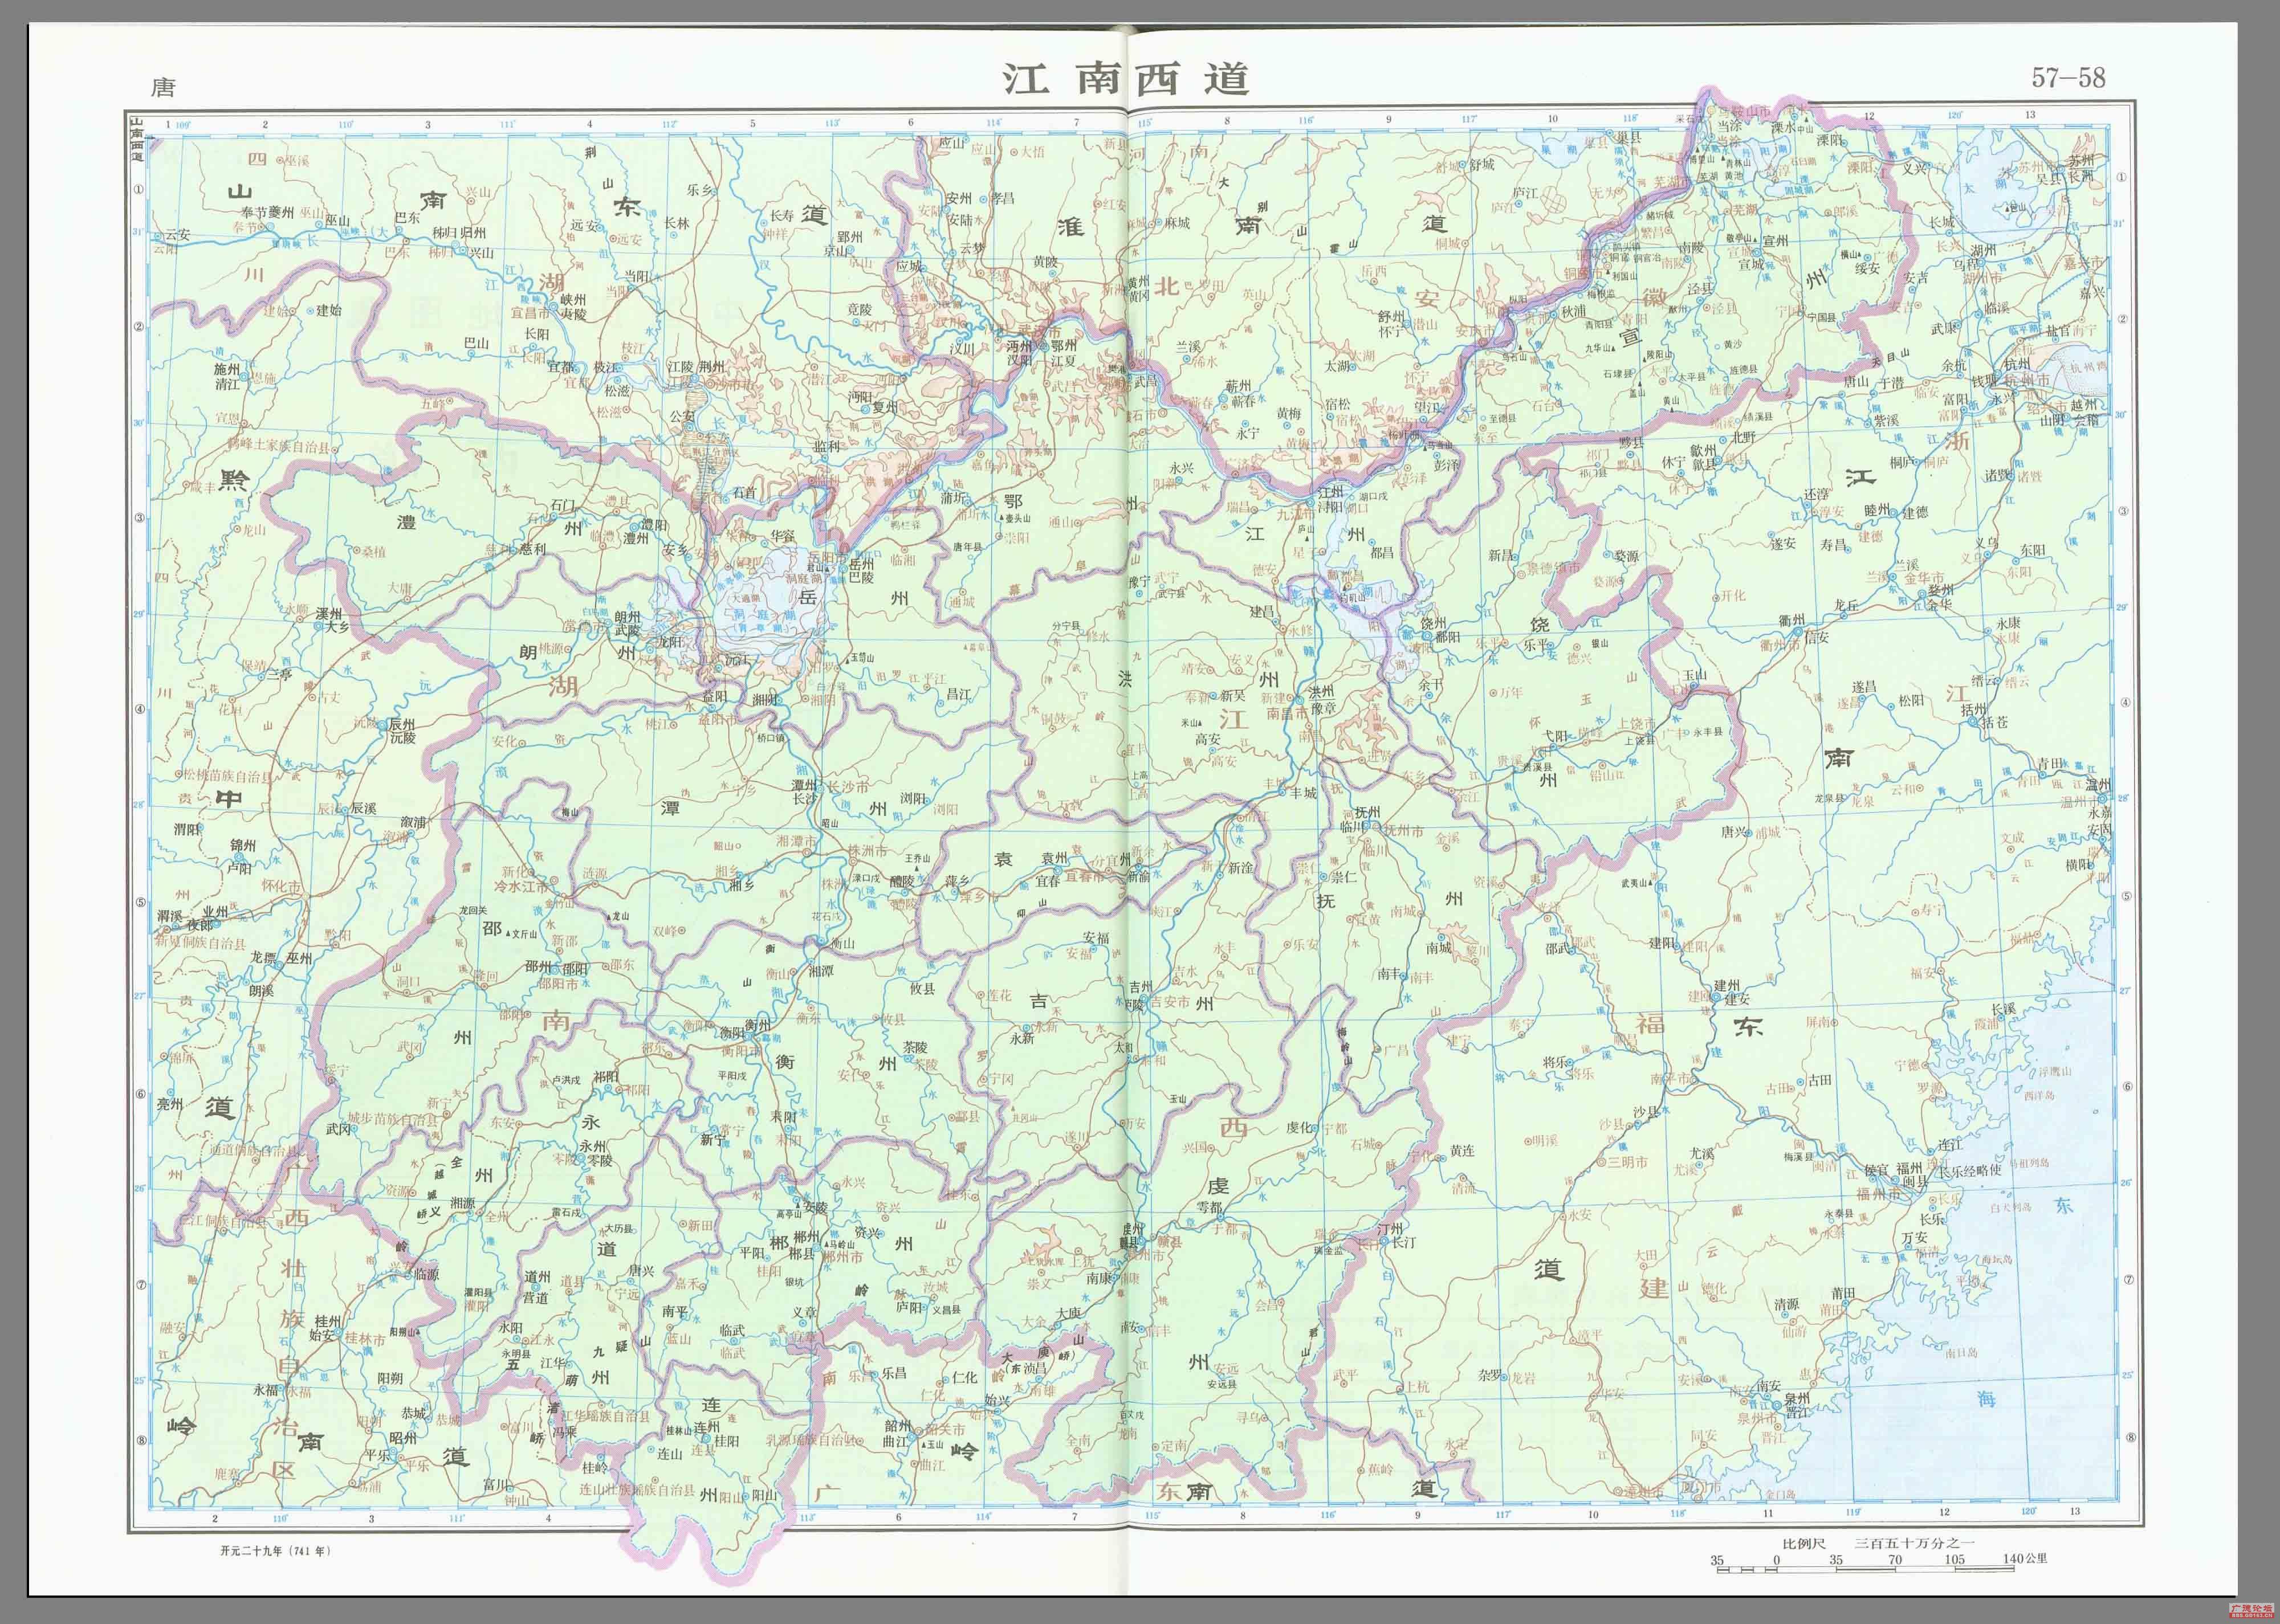 广德历史地图——唐朝时期